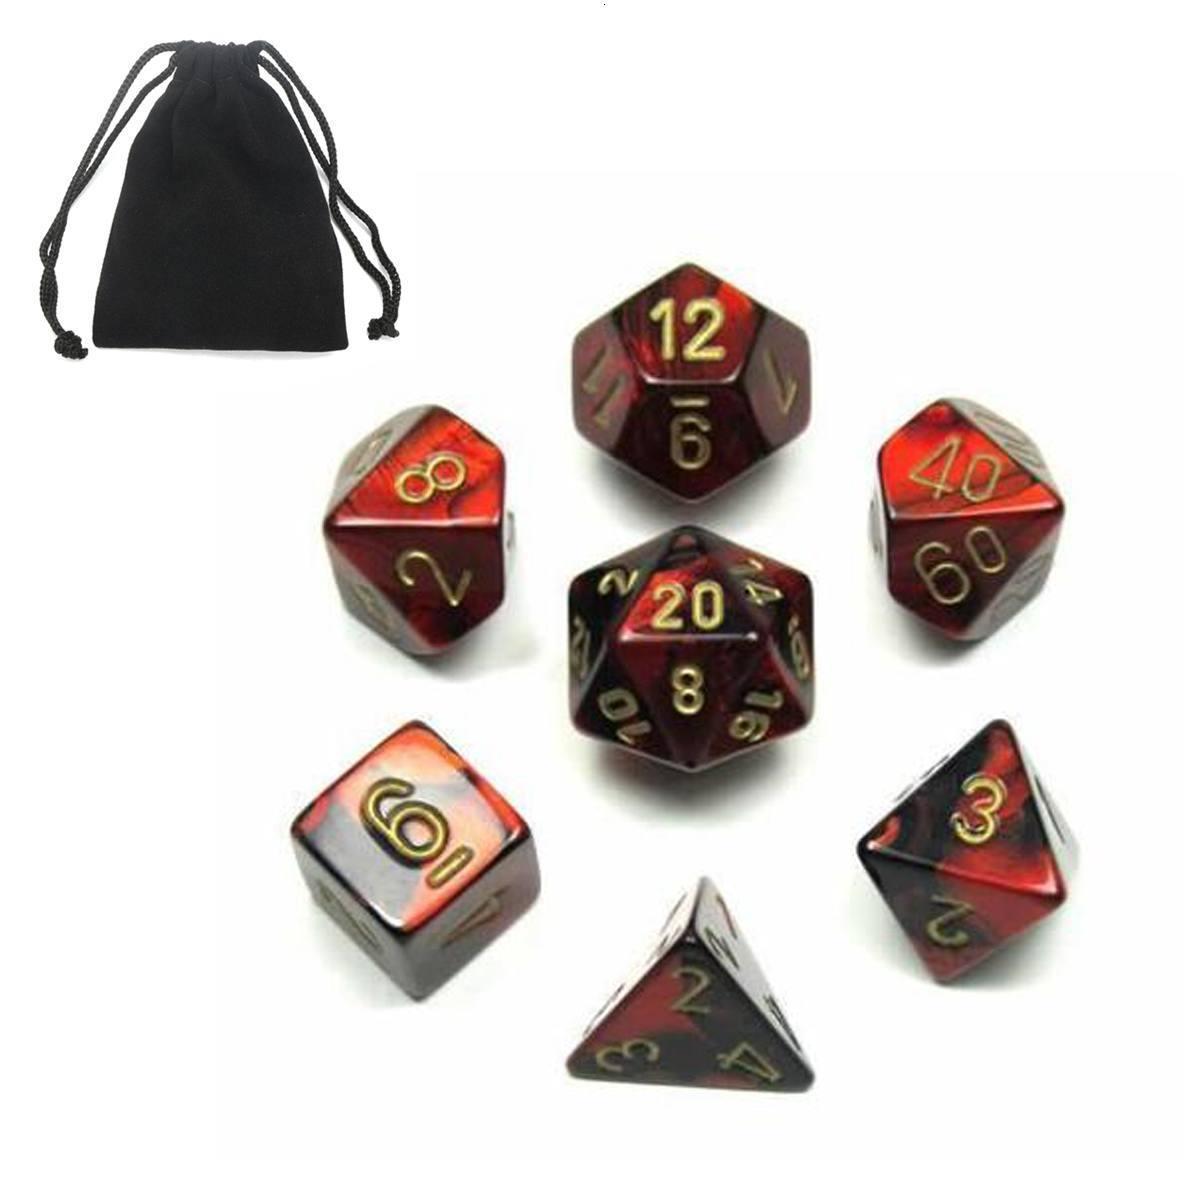 Regalo Dice acrilico 7Pcs Polyhedral giocattolo del gioco Dadi Bonus per DnD TRPG RPG bambini la matematica educativo digitale con Storage Bag